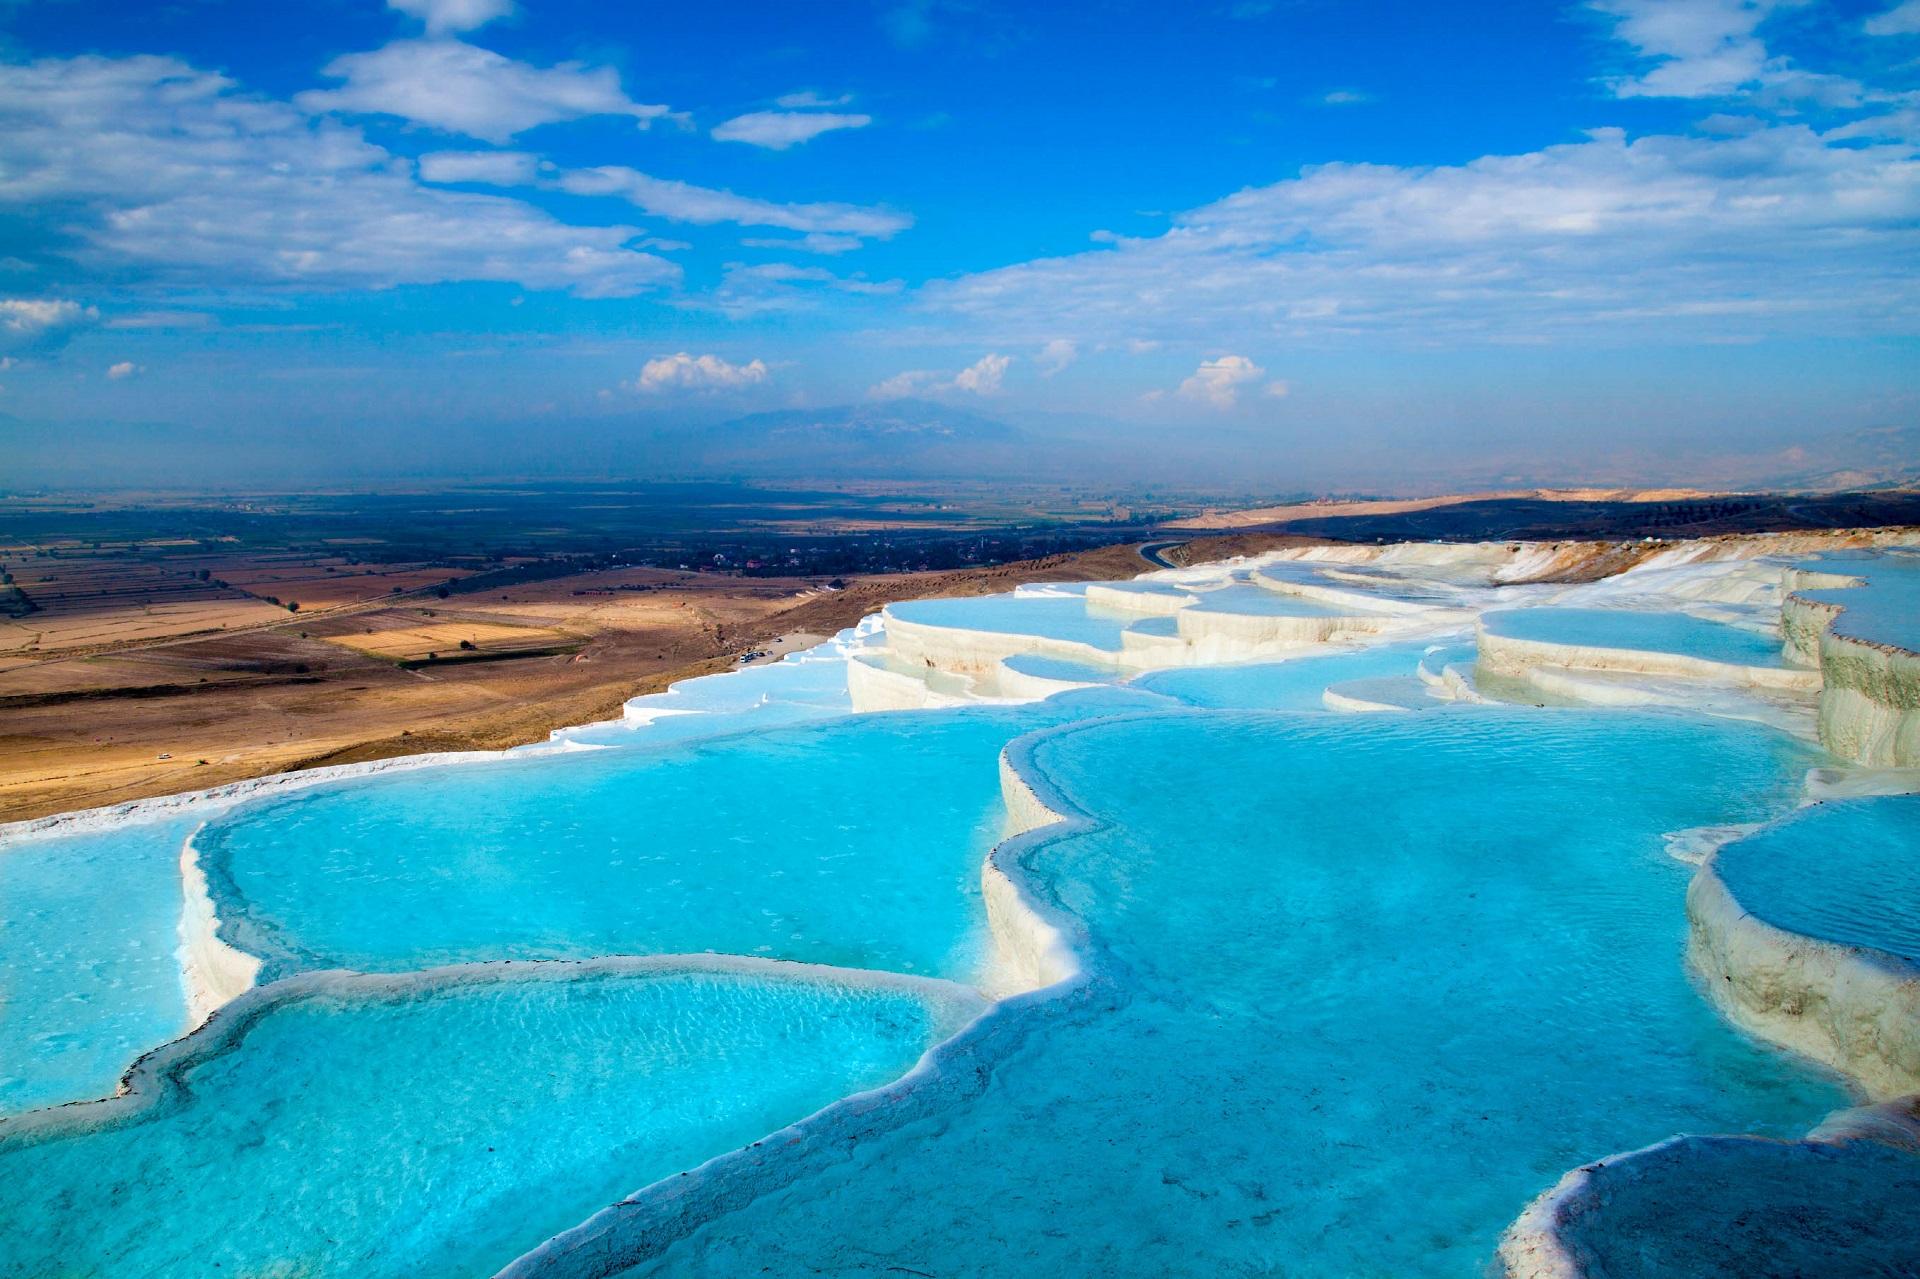 Außergewöhnliche Badeplätze in der Natur | Urlaubsguru.de